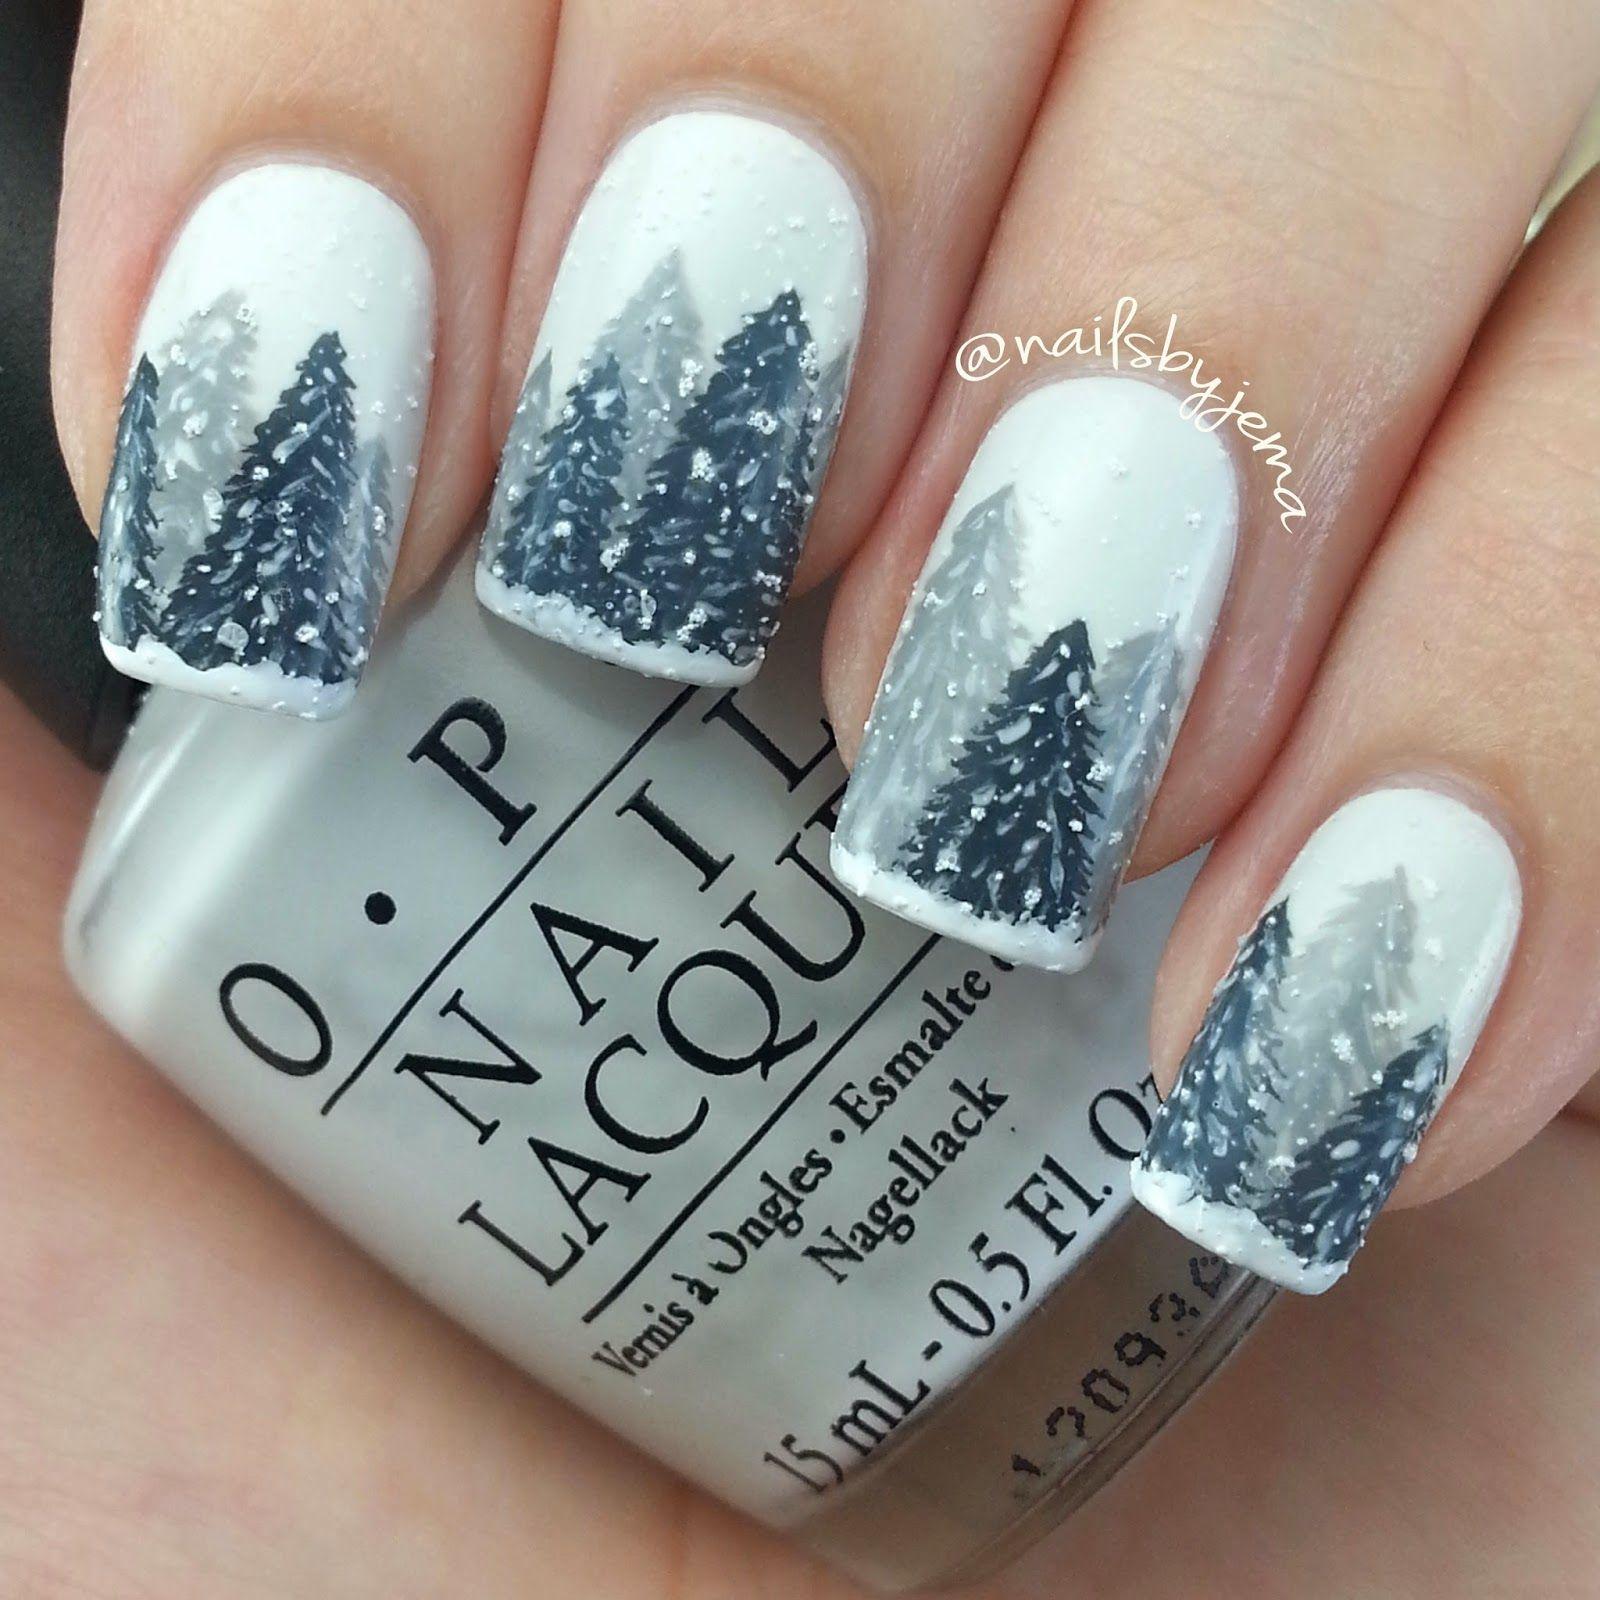 Nails By Jema Winter Wonderland Nails Aka My Favorite Nails Ever